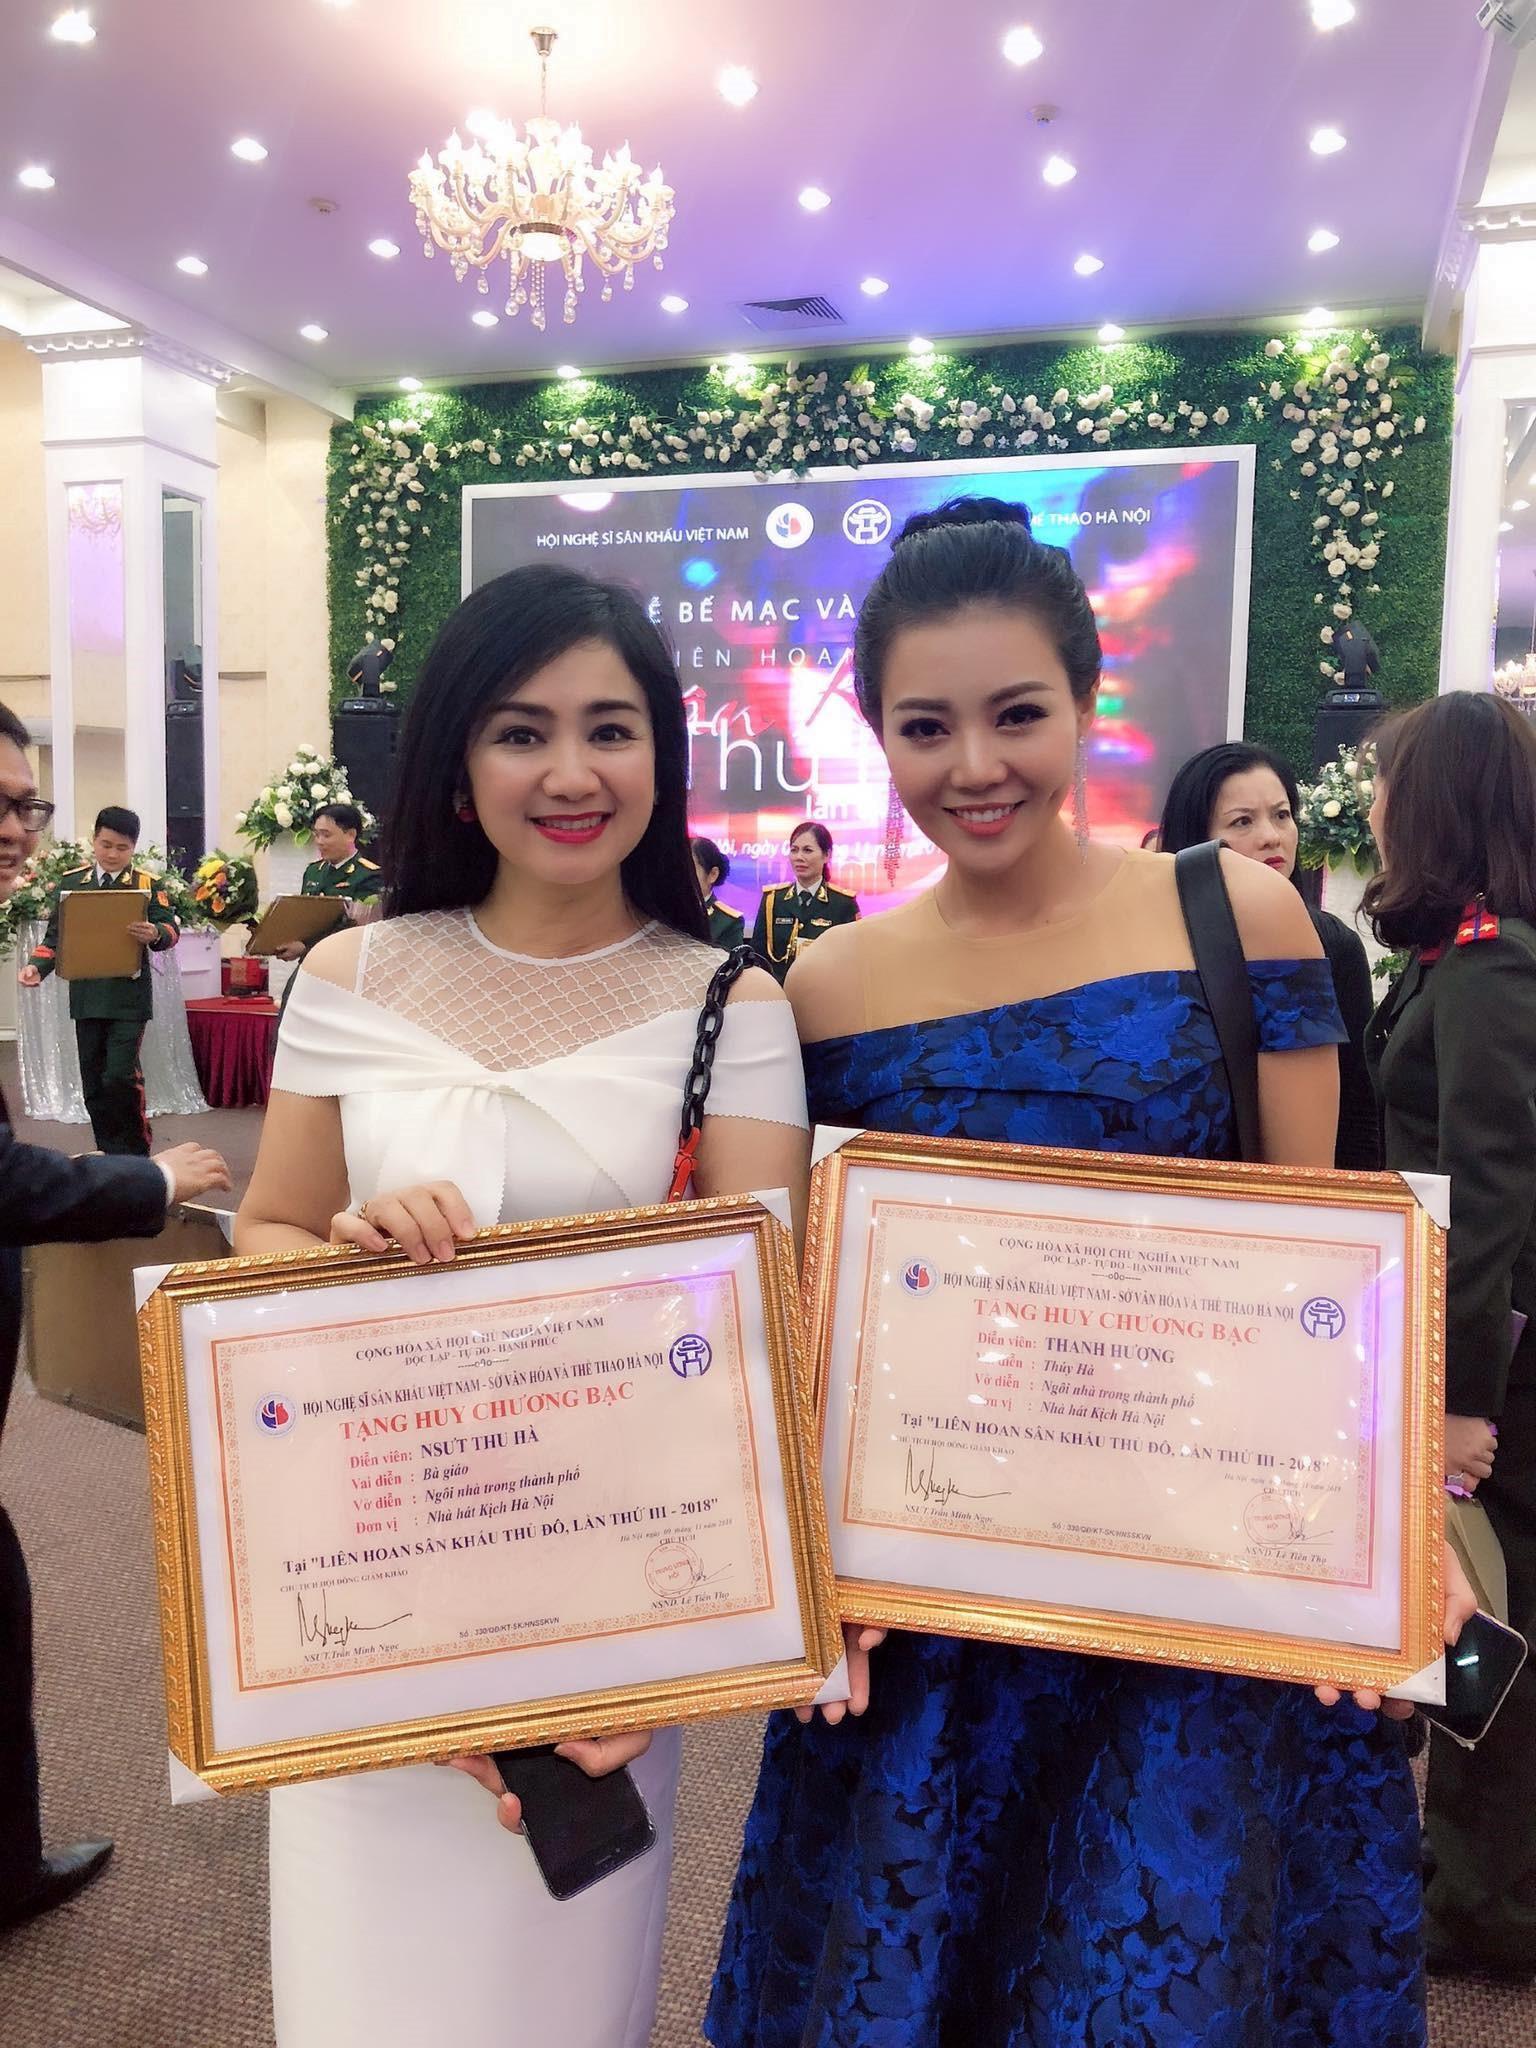 NSƯT Thu Hà 'lá ngọc cành vàng' đoạt huy chương bạc với vai bà giáo